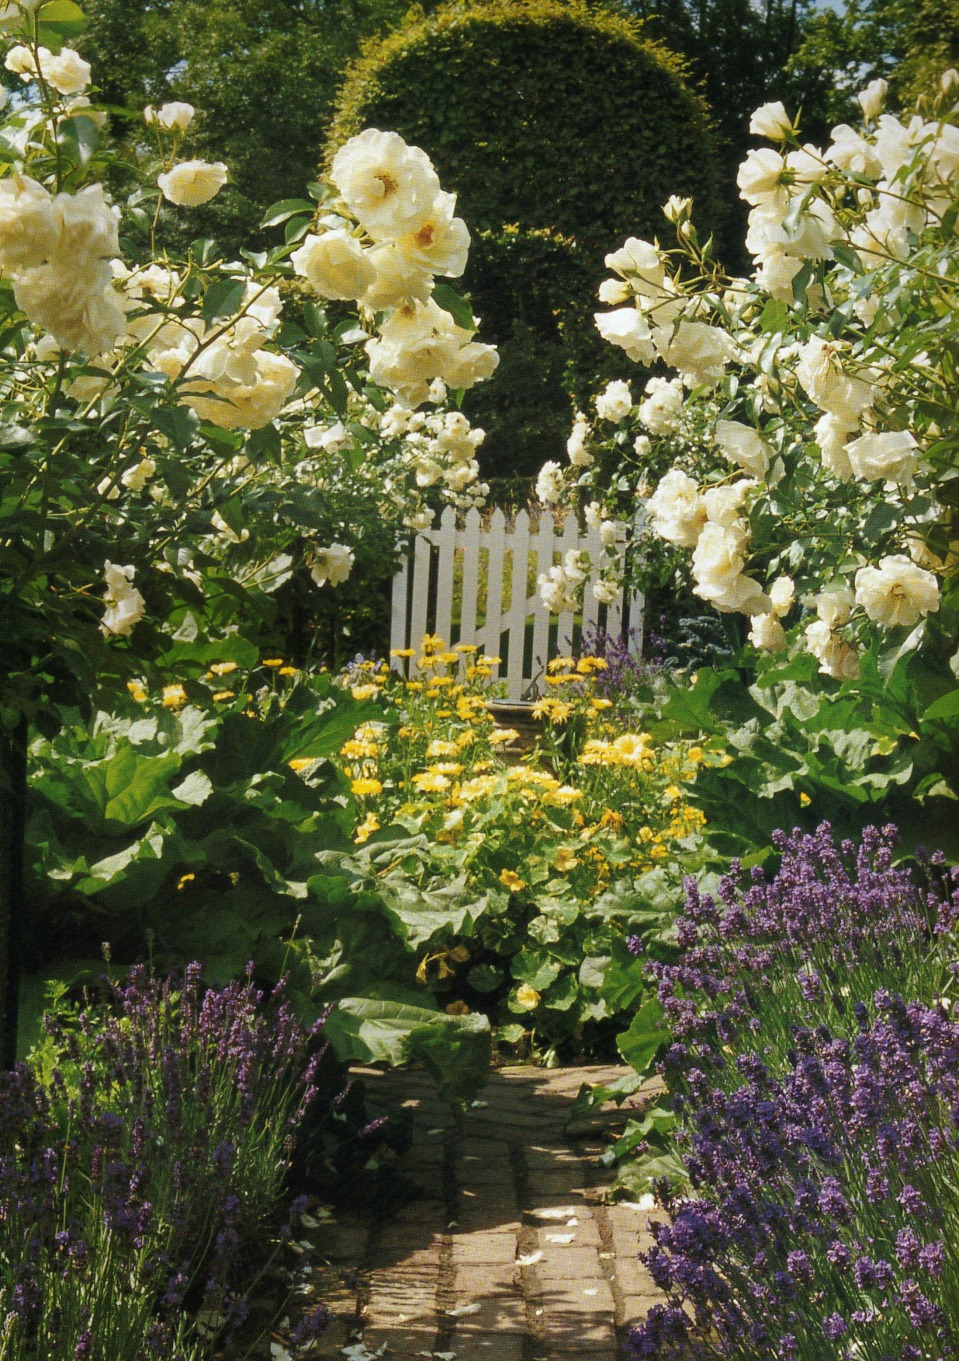 Kruidentuin - Herb Garden.